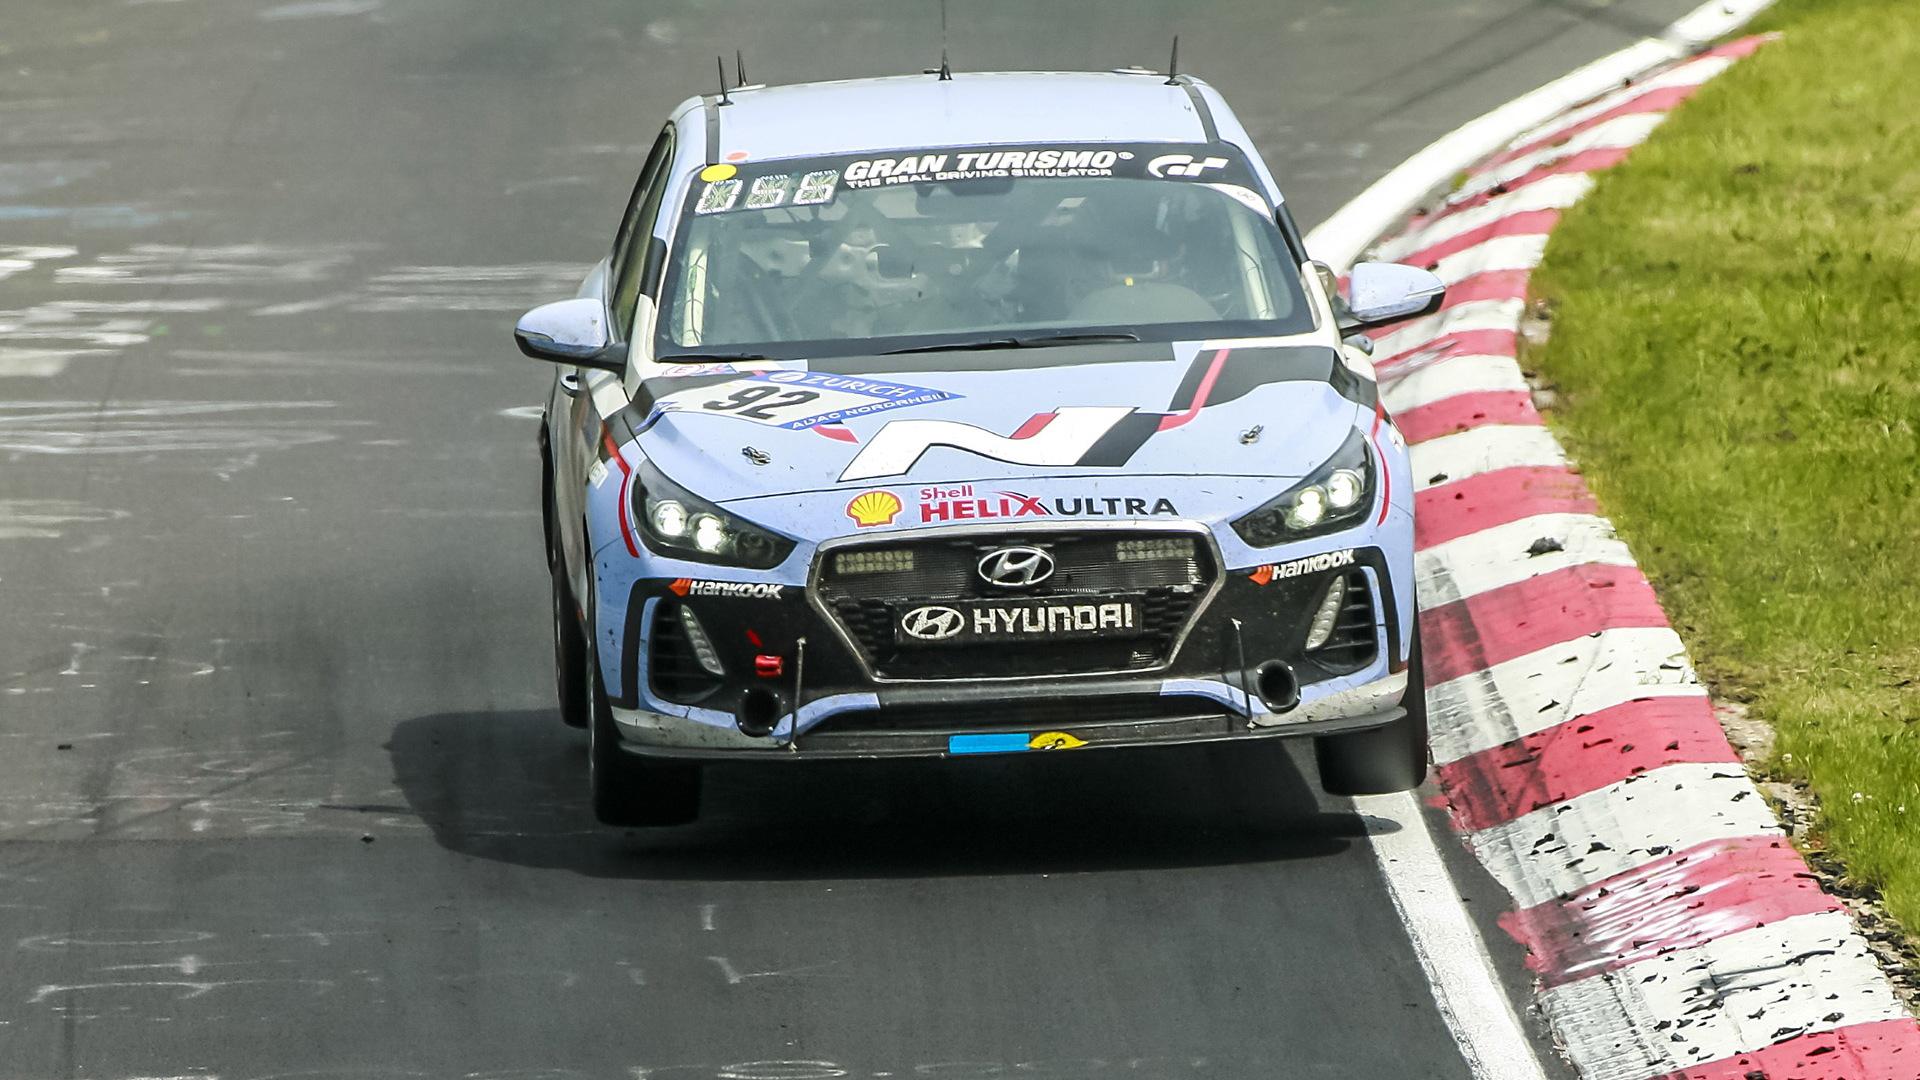 2018 Hyundai i30 N races in the 2017 24 Hours Nürburgring